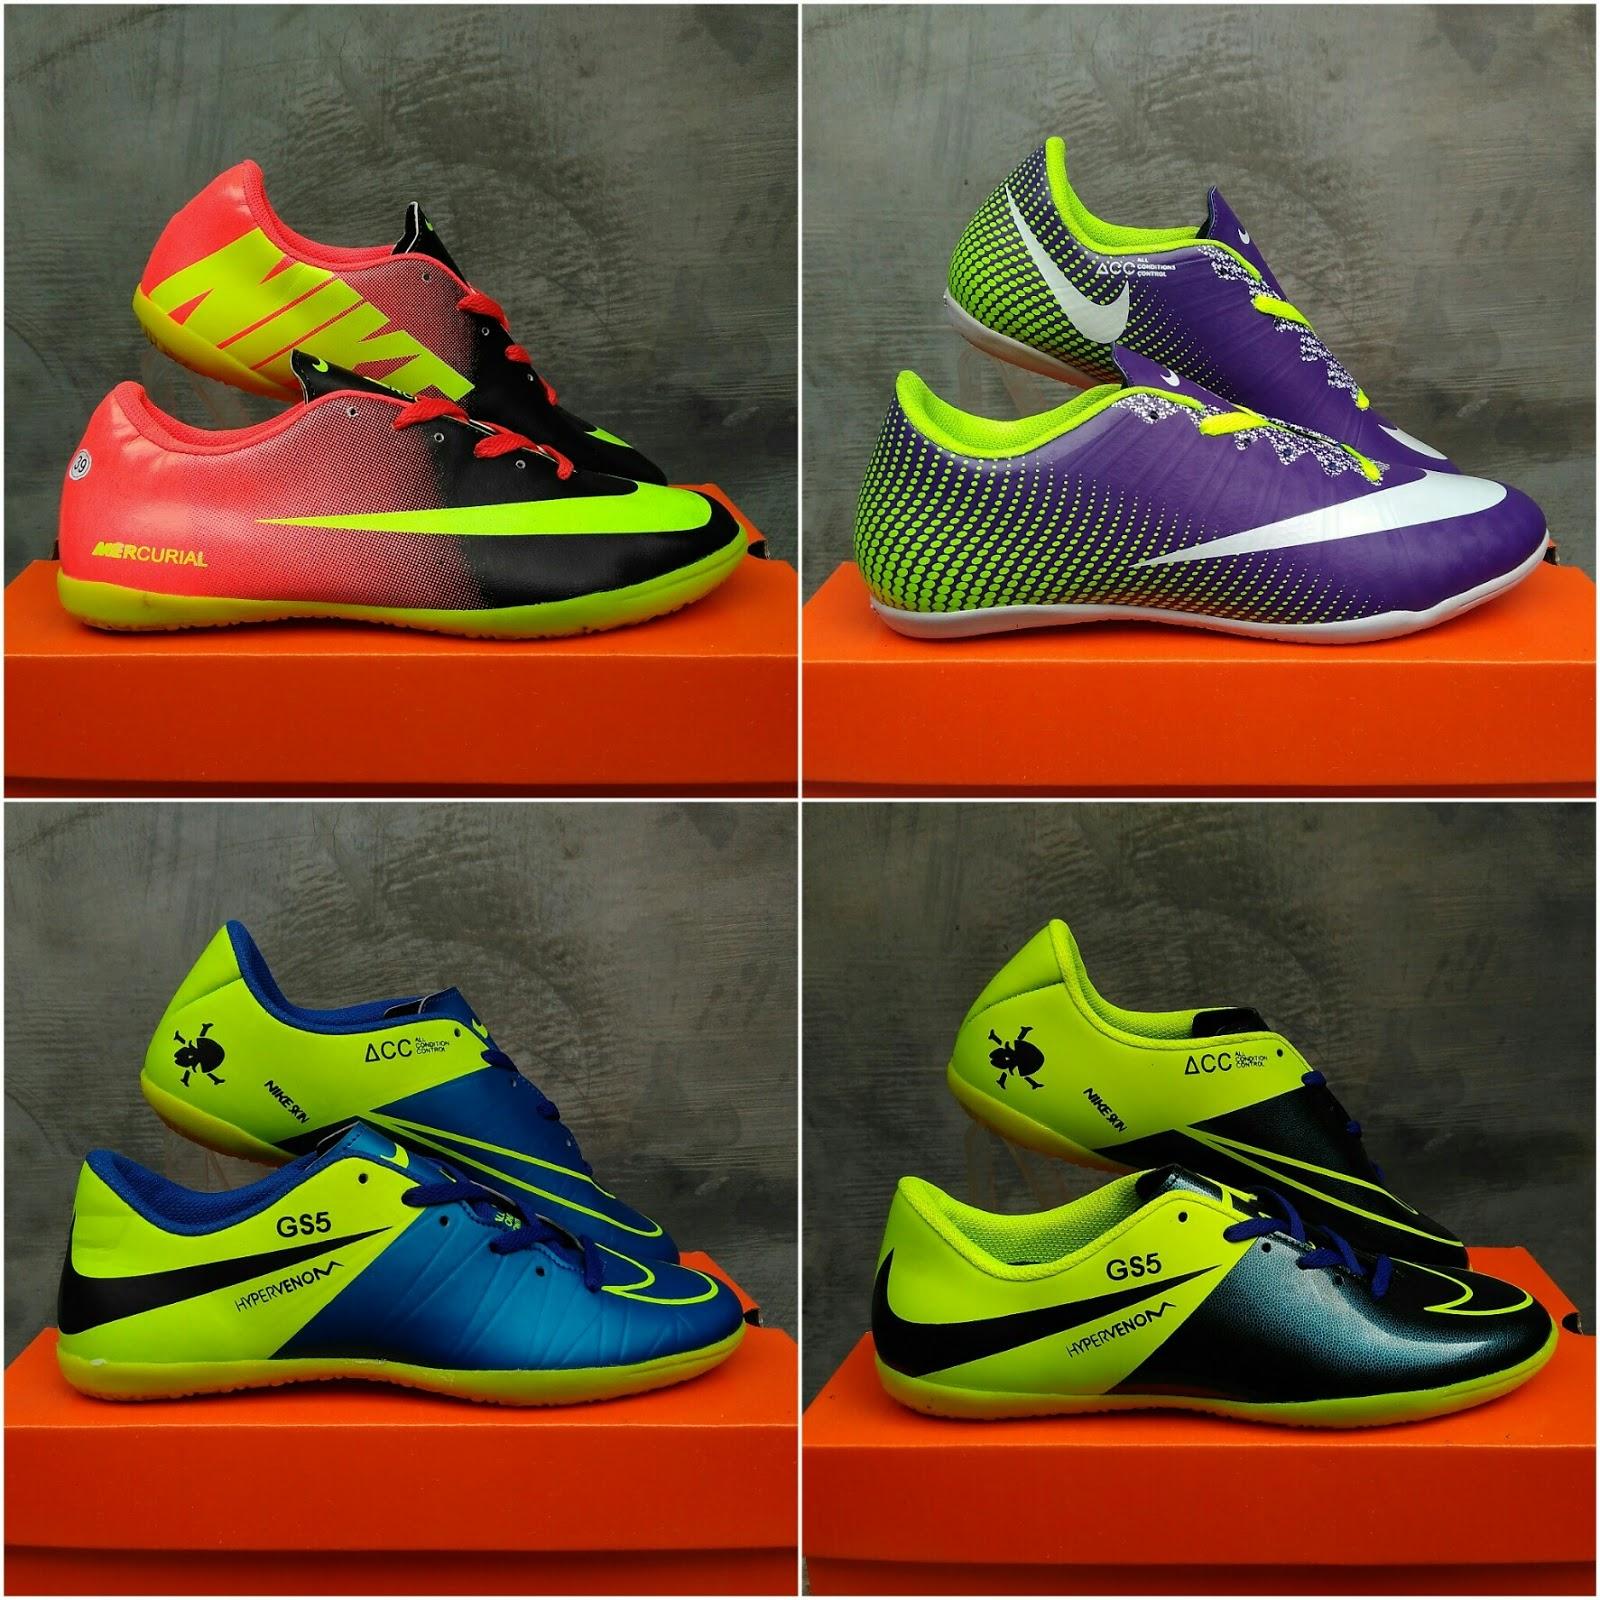 sepatu 2016: daftar harga sepatu futsal nike terbaru kw Images